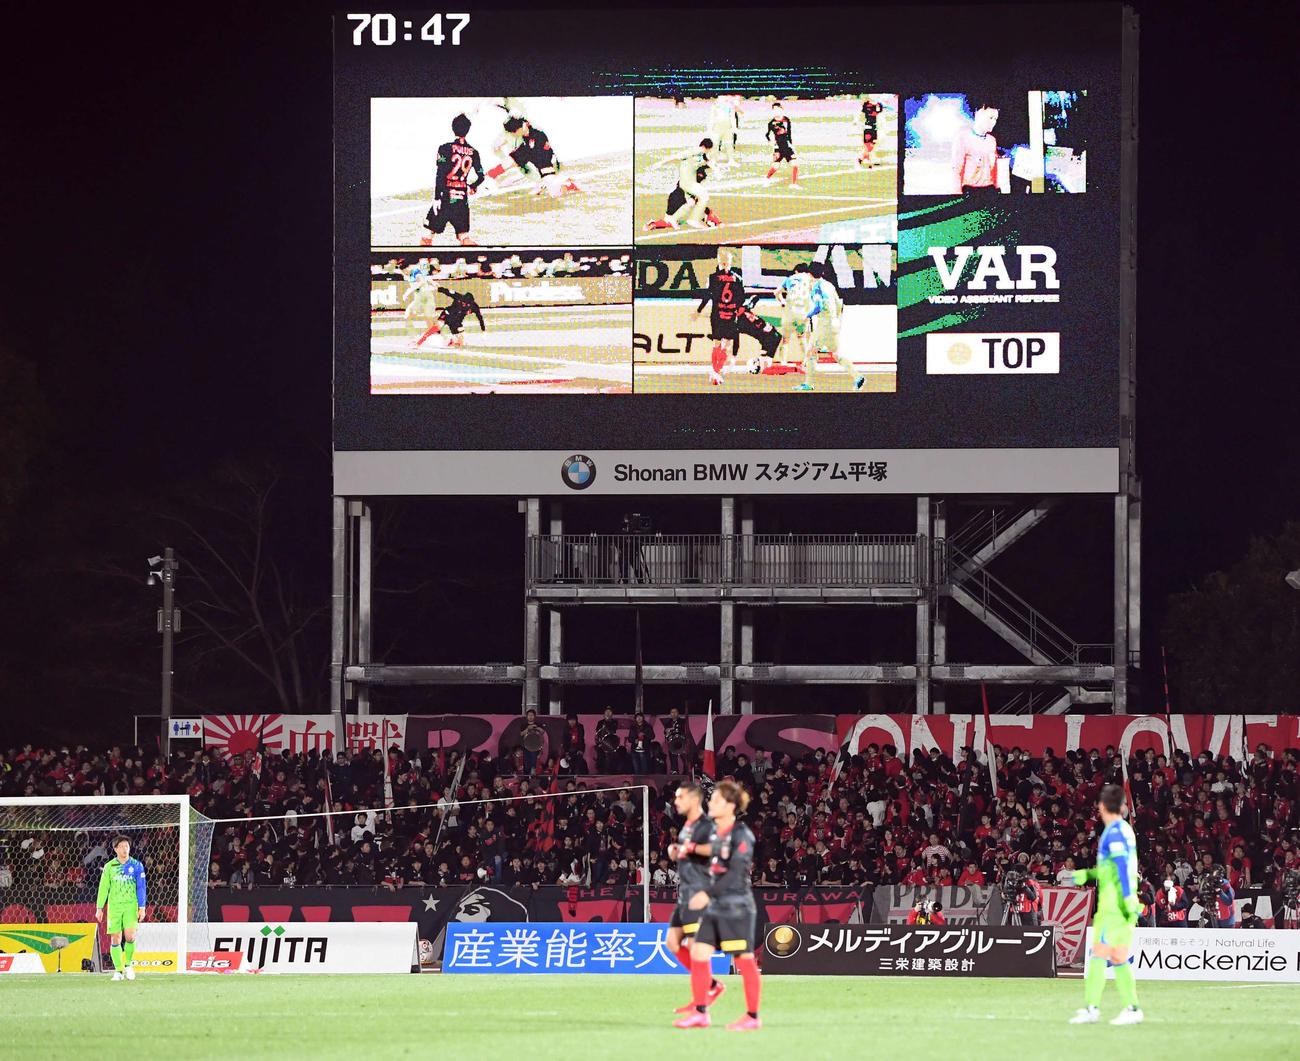 湘南対浦和 後半、大型ビジョンに映し出される浦和DF鈴木のハンドに関するVAR画像(撮影・たえ見朱実)